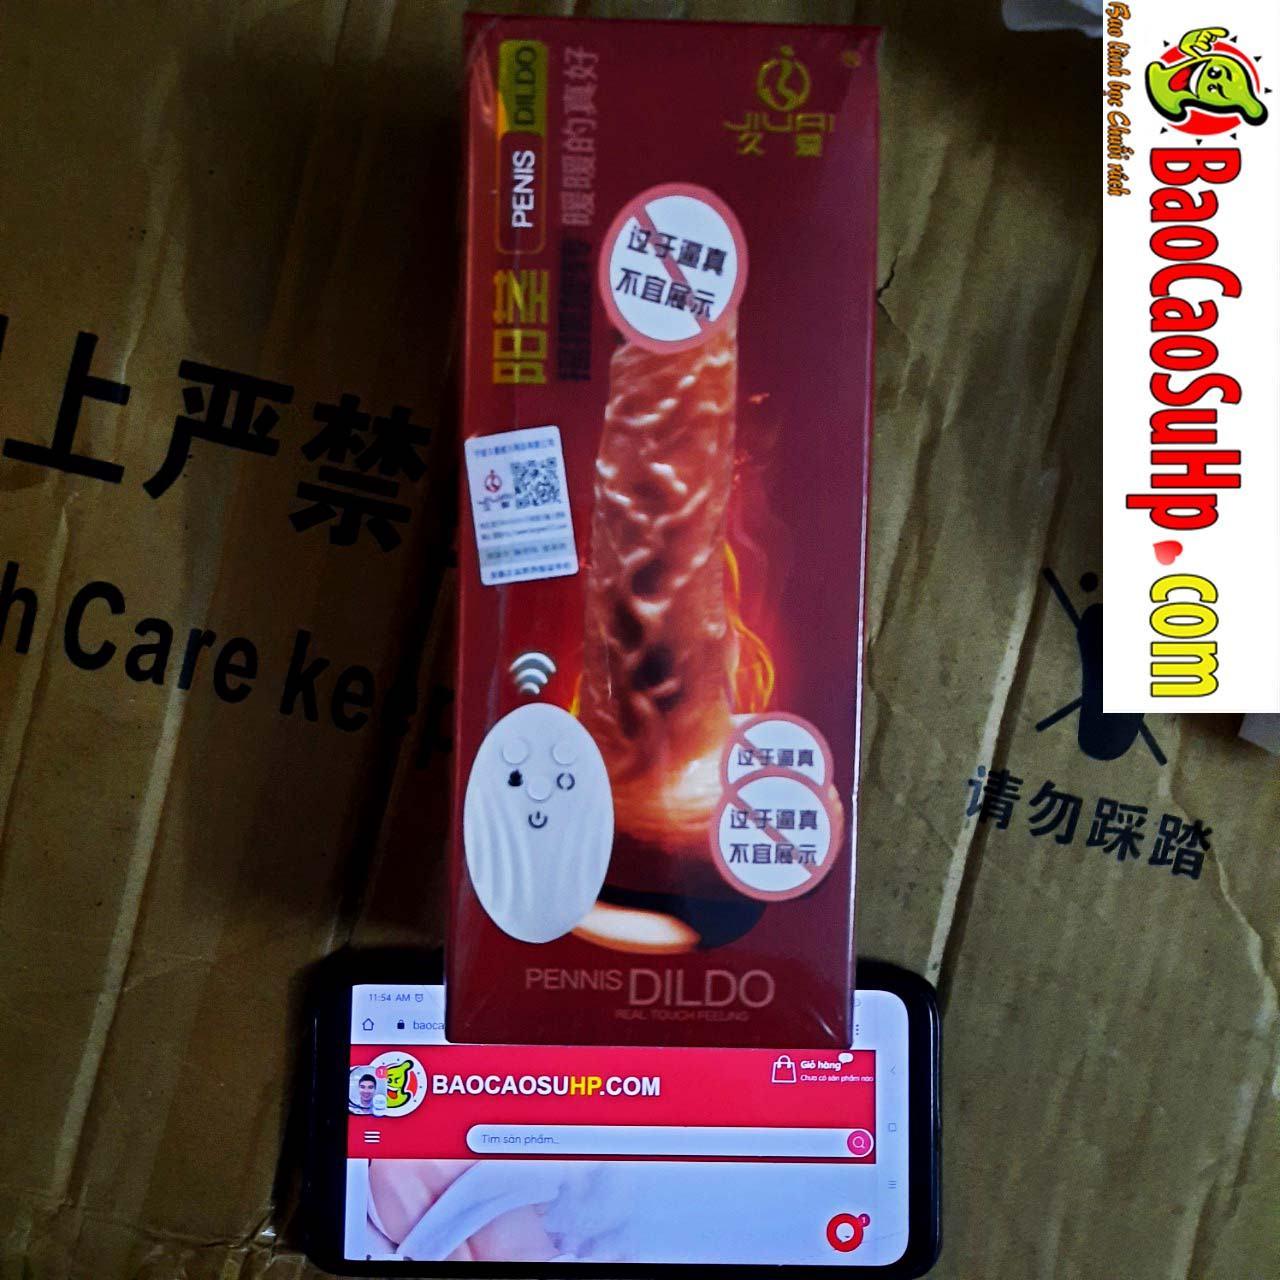 duong vat gia dong dat ramboo - Các loại sextoy đồ chơi người lớn Mông nguyên khối hàng về shop 01.09.2020